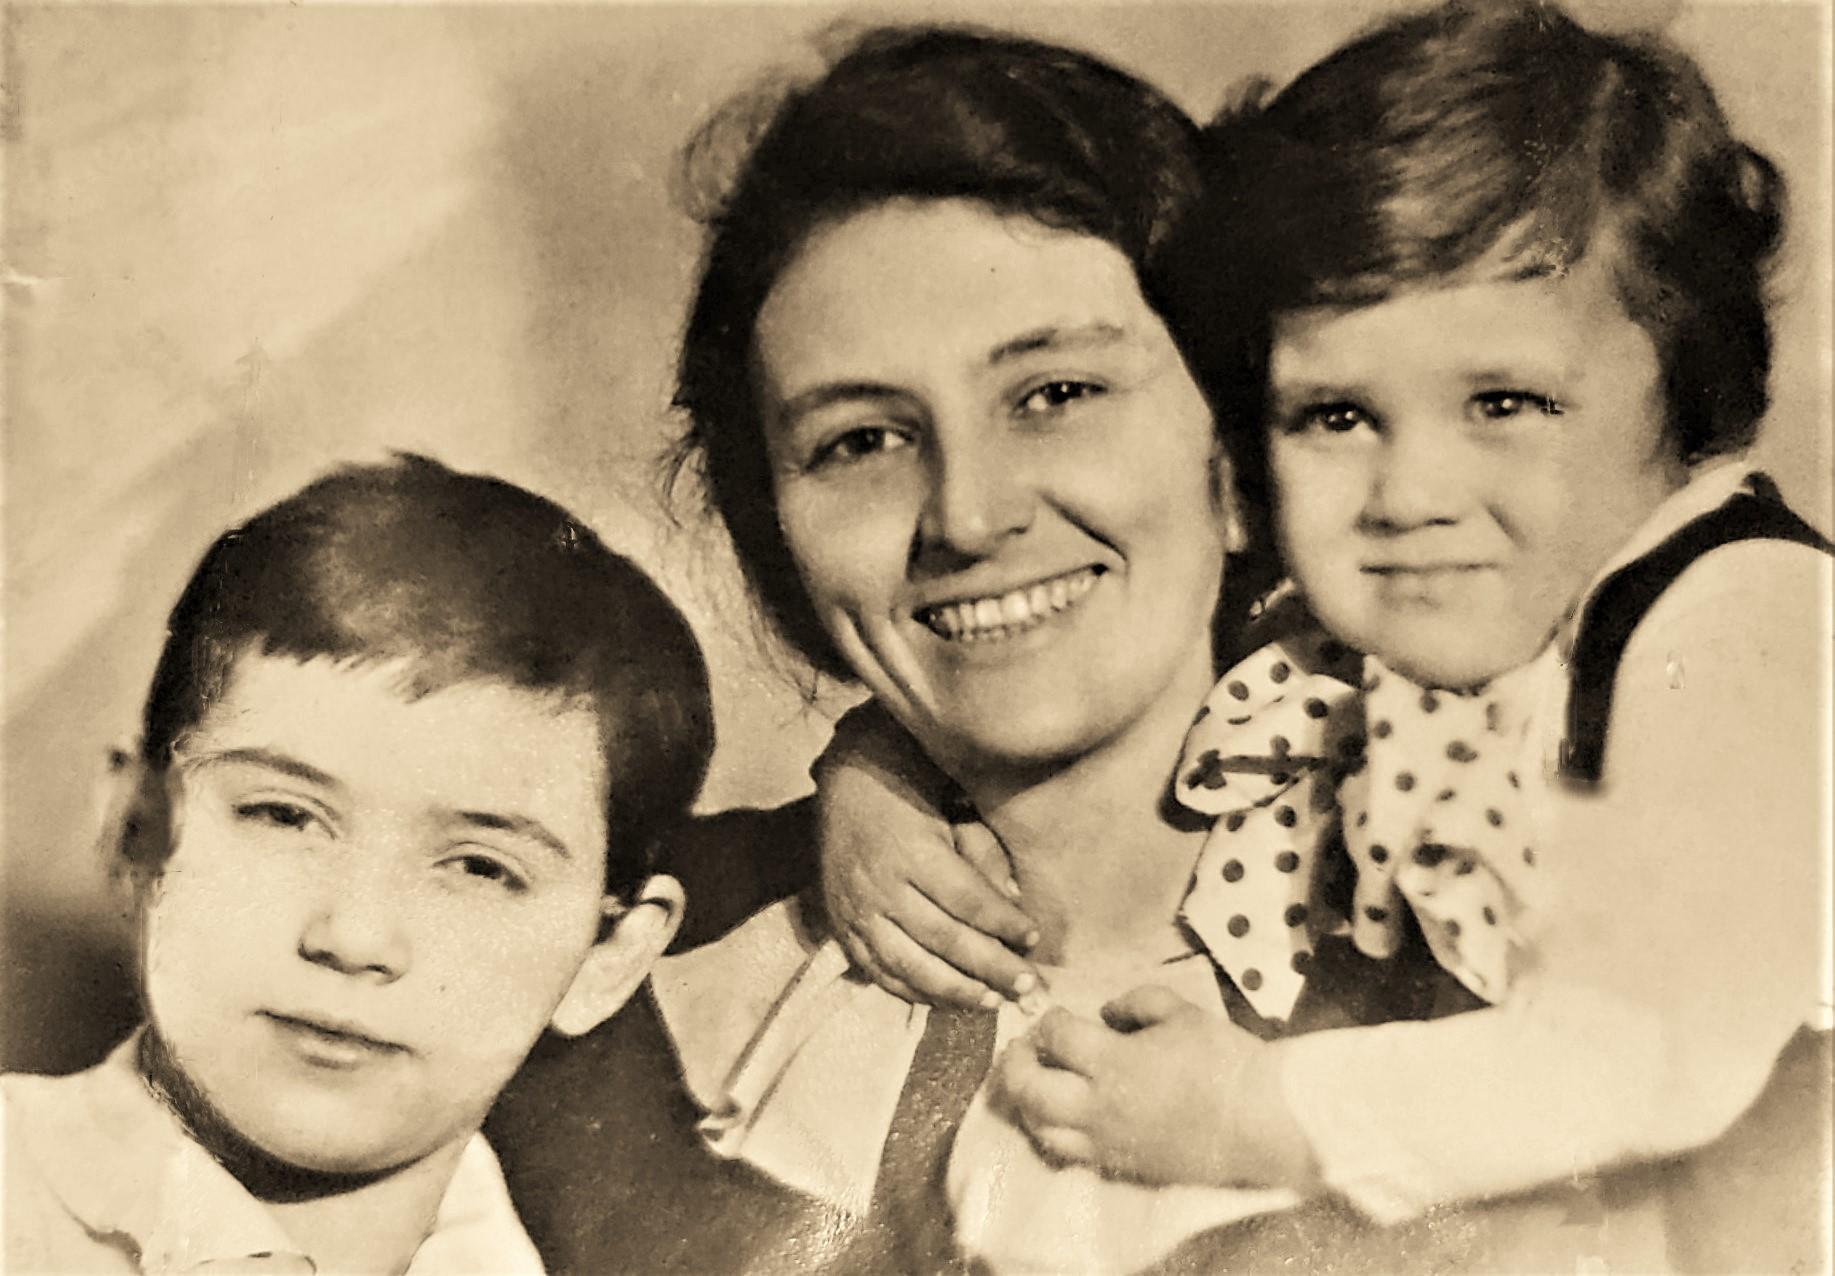 Из семейного архива. Наташа Роскина и ее близкие. Часть 2. Мамы больше нет